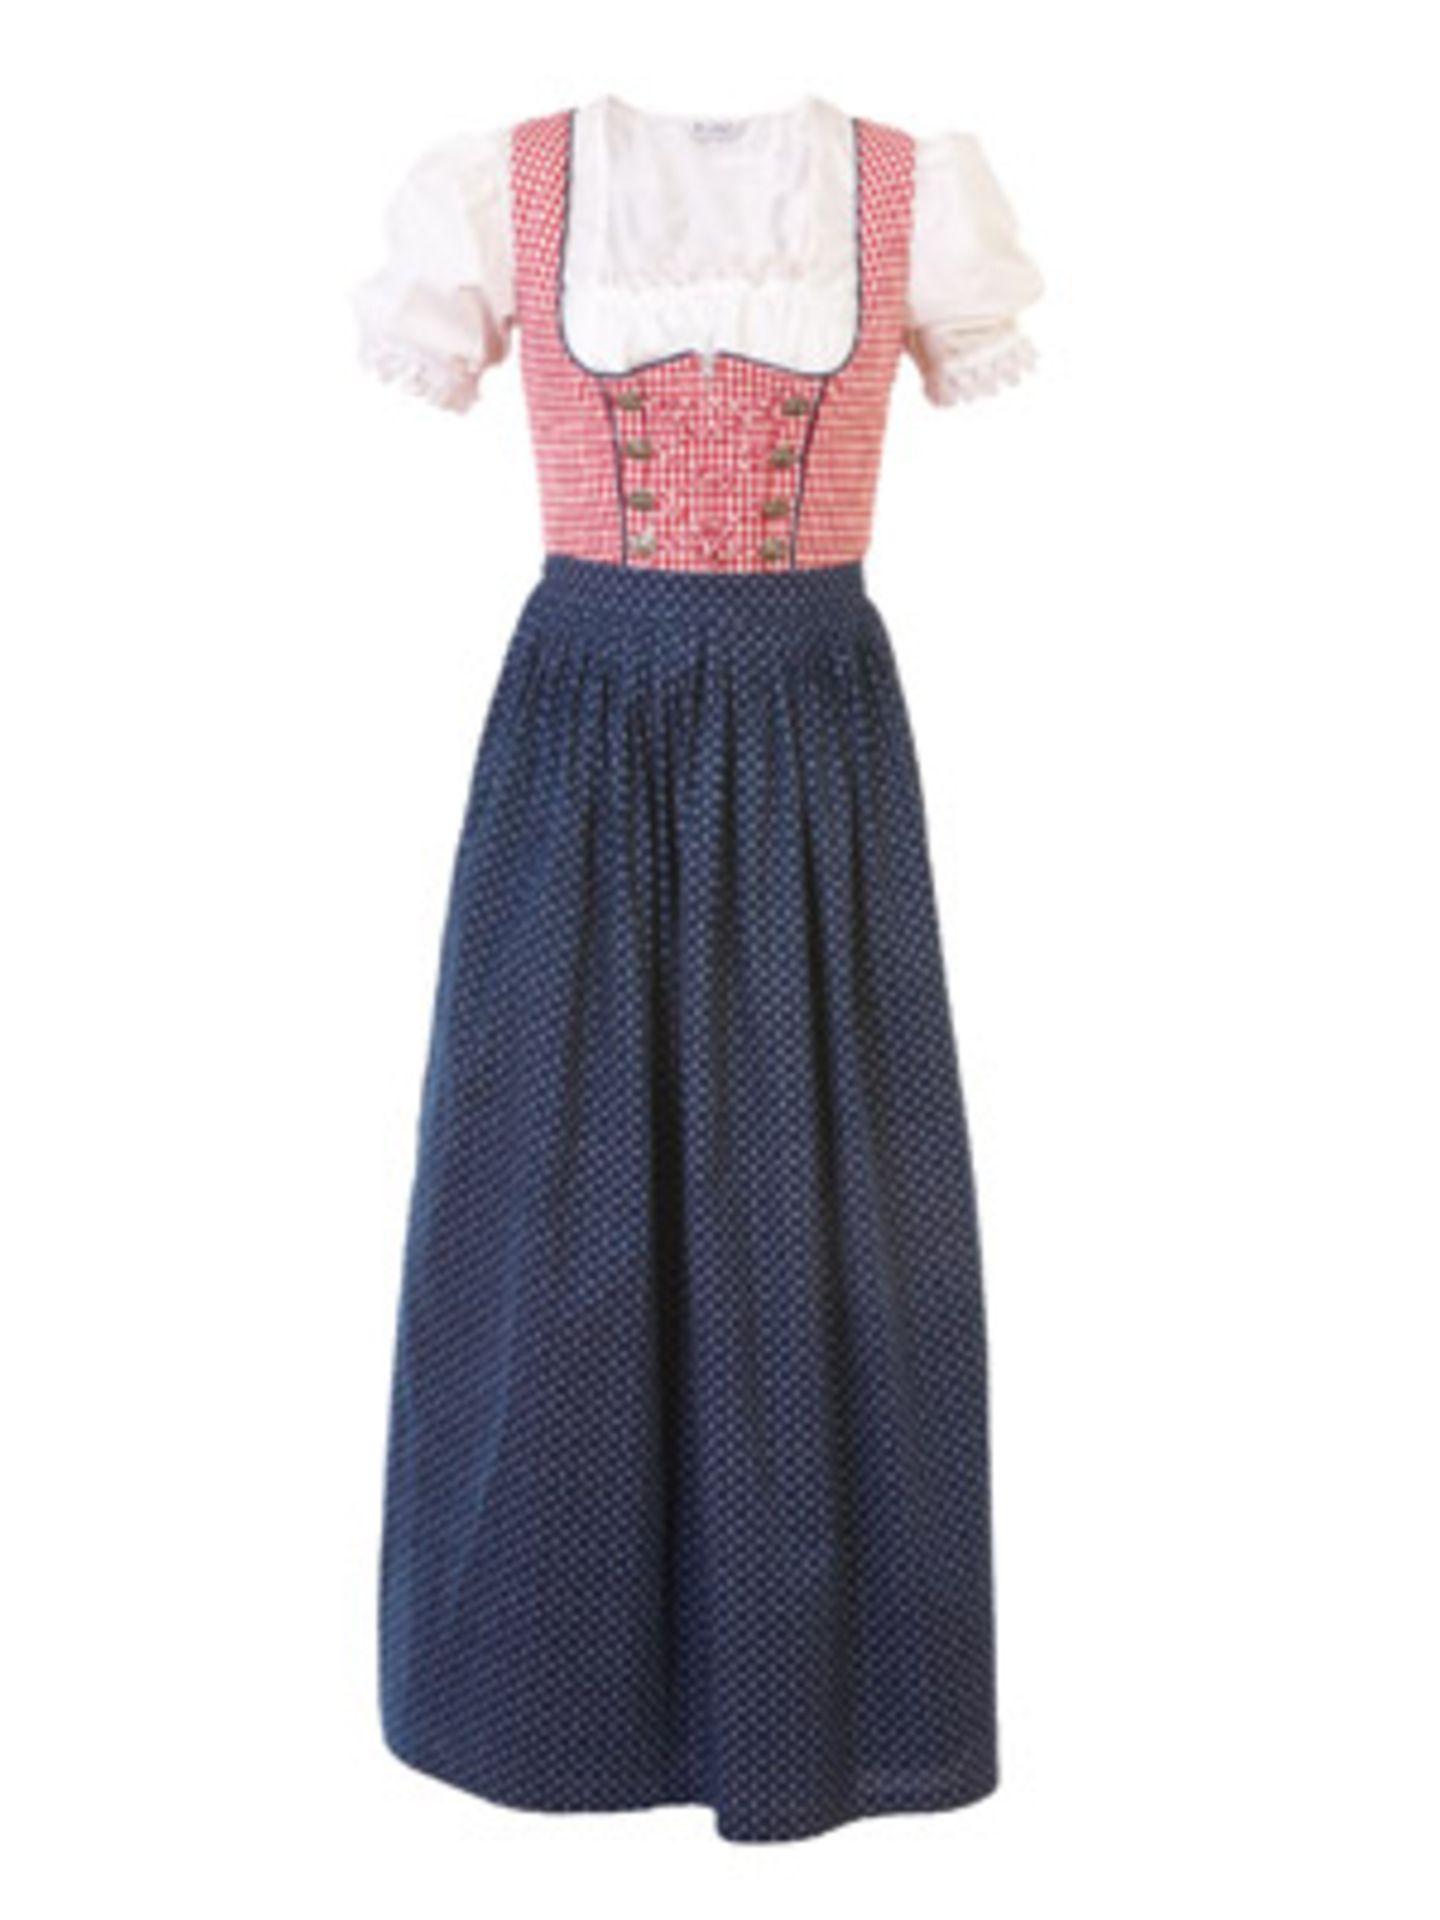 Schmal geschnittenes, bodenlanges Dirndl mit Bluse von Berwin & Wolff, ab ca. 170 Euro. Über www.otto.de.